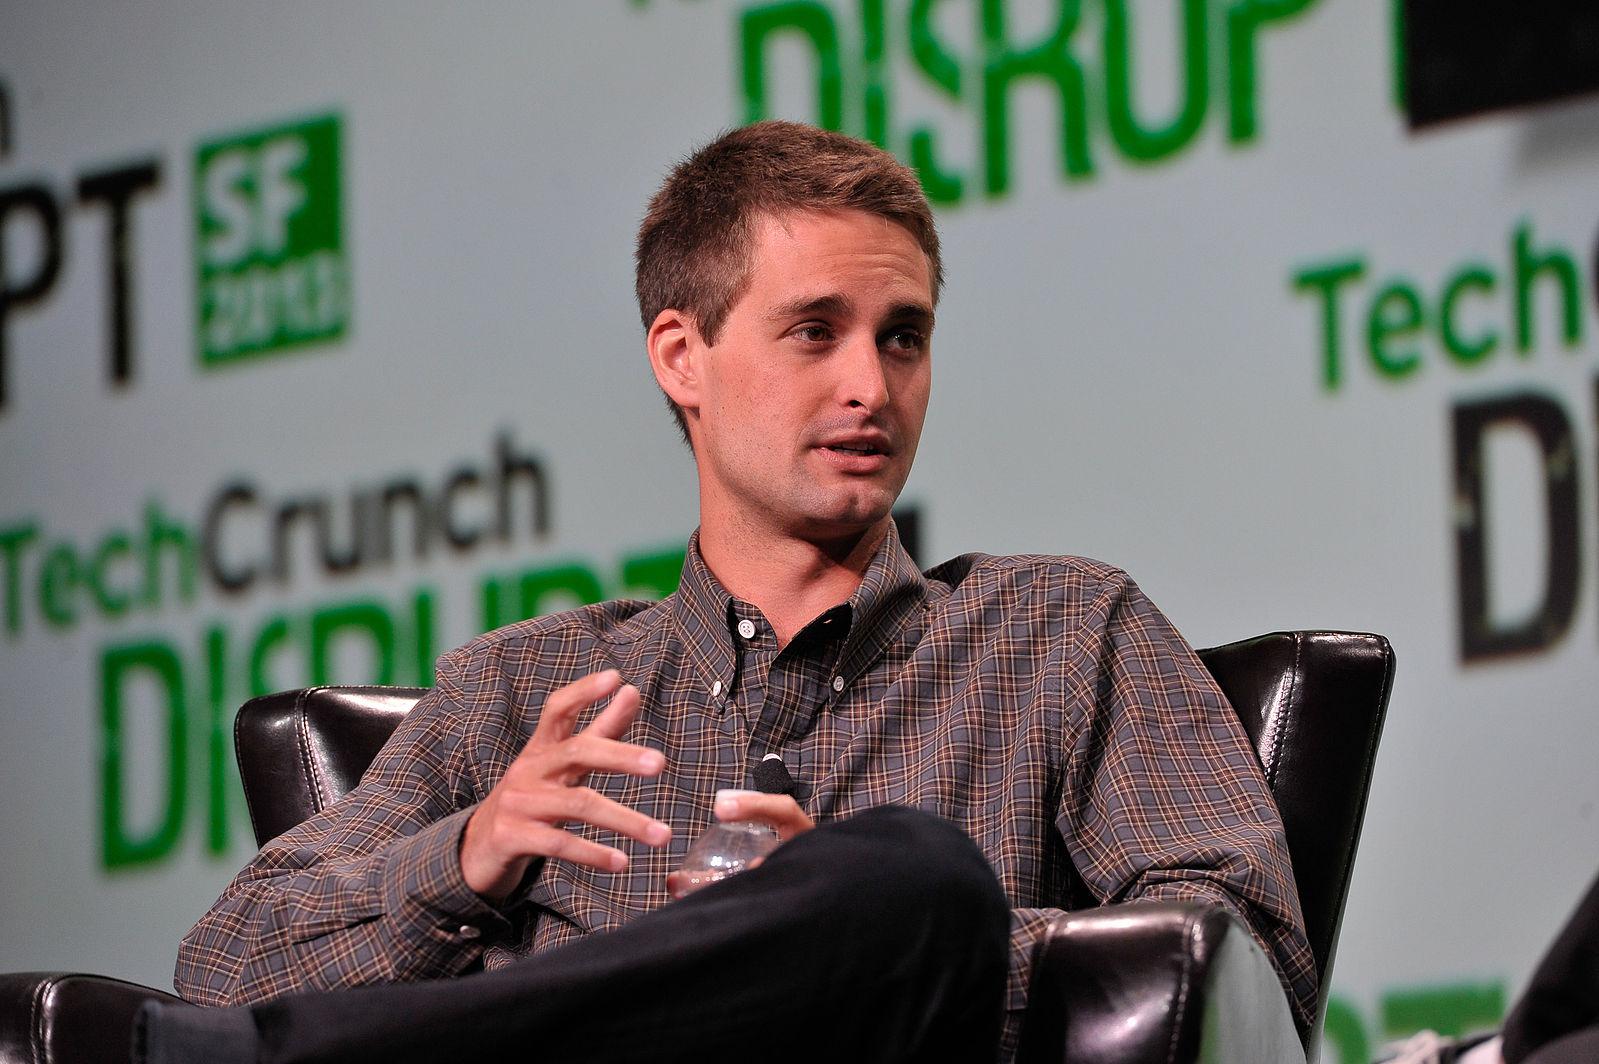 Evan_Spiegel_at_TechCrunch